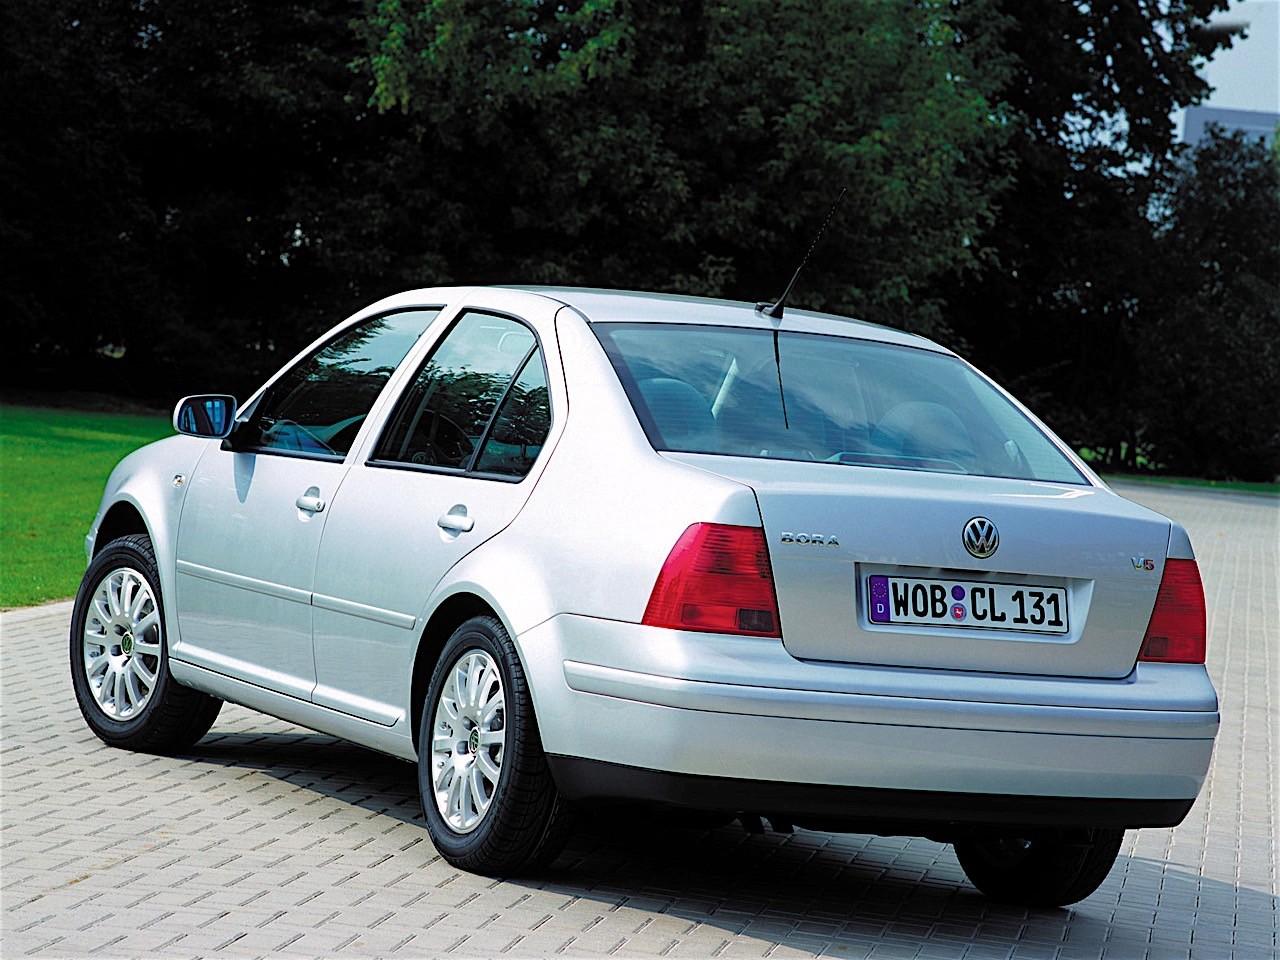 volkswagen bora specs - 1998, 1999, 2000, 2001, 2002, 2003, 2004